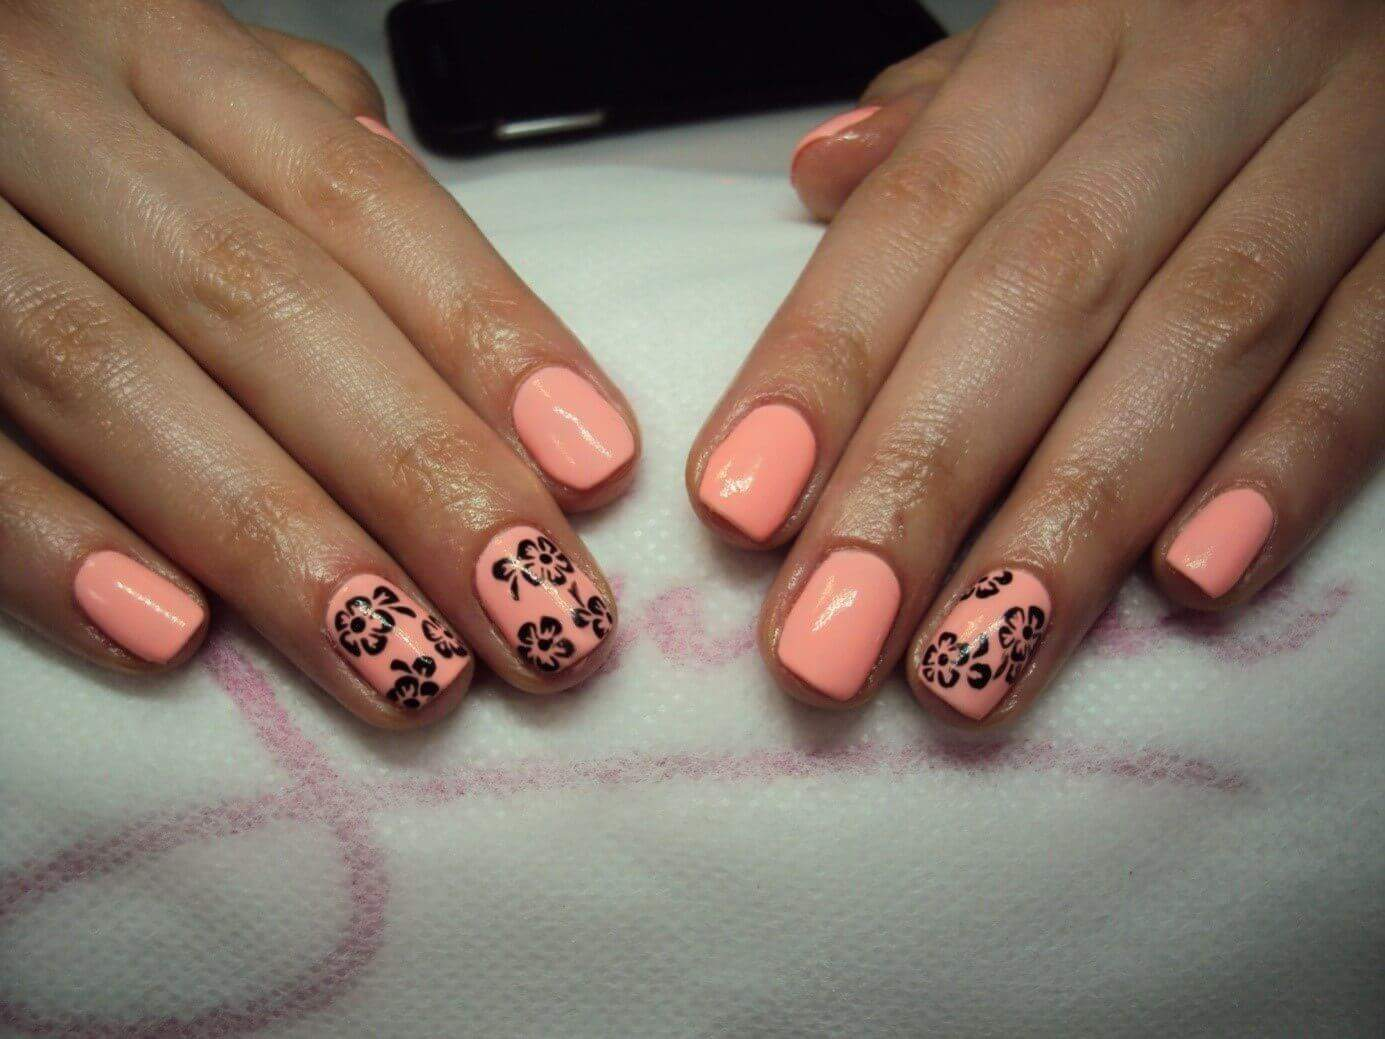 Efekt końcowy przygotowywania manicure hybrydowego